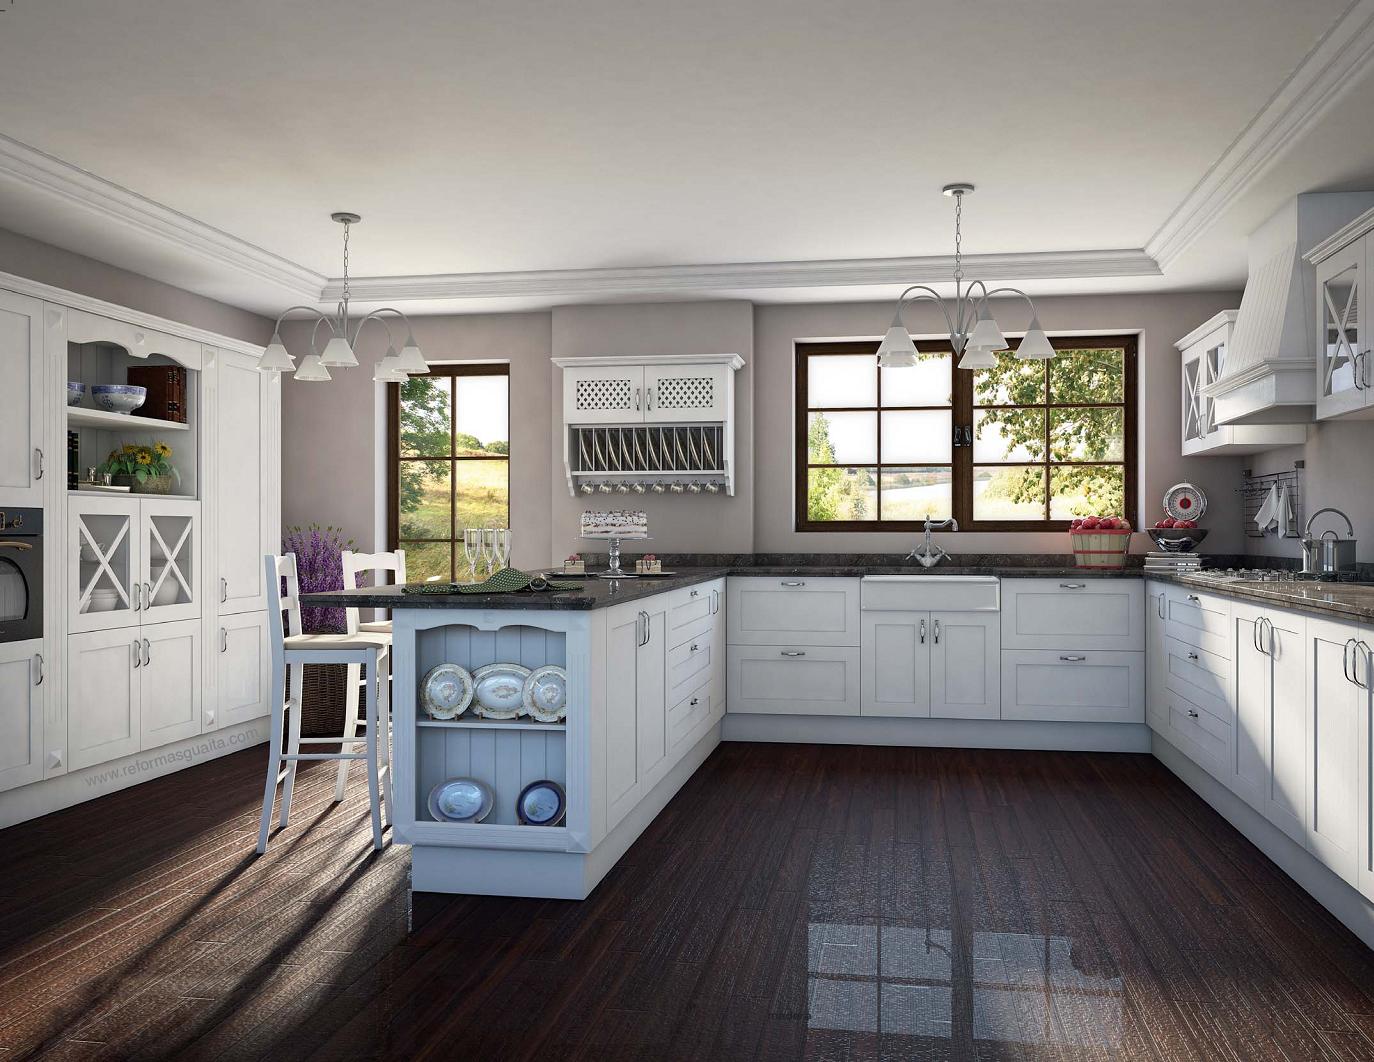 Cocinas rusticas en blanco cocinas rusticas estantes - Muebles casa de campo ...